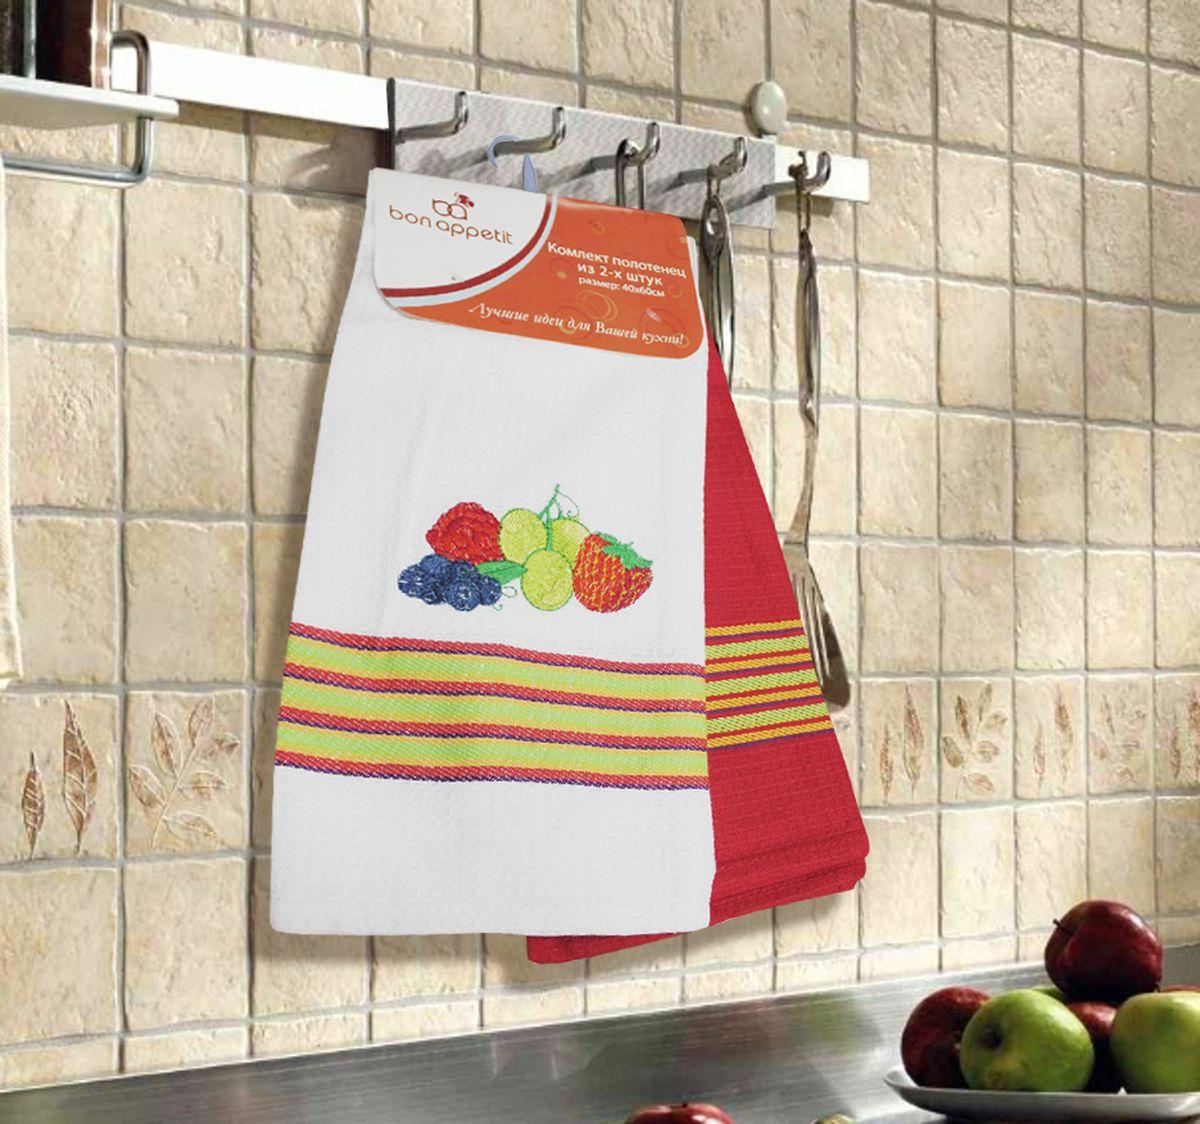 Набор кухонных полотенец Bon Appetit Berrys, цвет: красный, 2 шт64860Кухонные Полотенца Bon Appetit - В помощь хозяйке на кухне!!! Кухонные Полотенца Bon Appetit идеально дополнят интерьер вашей кухни и создадут атмосферу уюта и комфорта. Полотенца выполнены из натурального 100% Хлопка, поэтому являются экологически чистыми. Качество материала гарантирует безопасность не только взрослых, но и самых маленьких членов семьи. Bon Appetit – Интерьер и Практичность Современной Кухни!